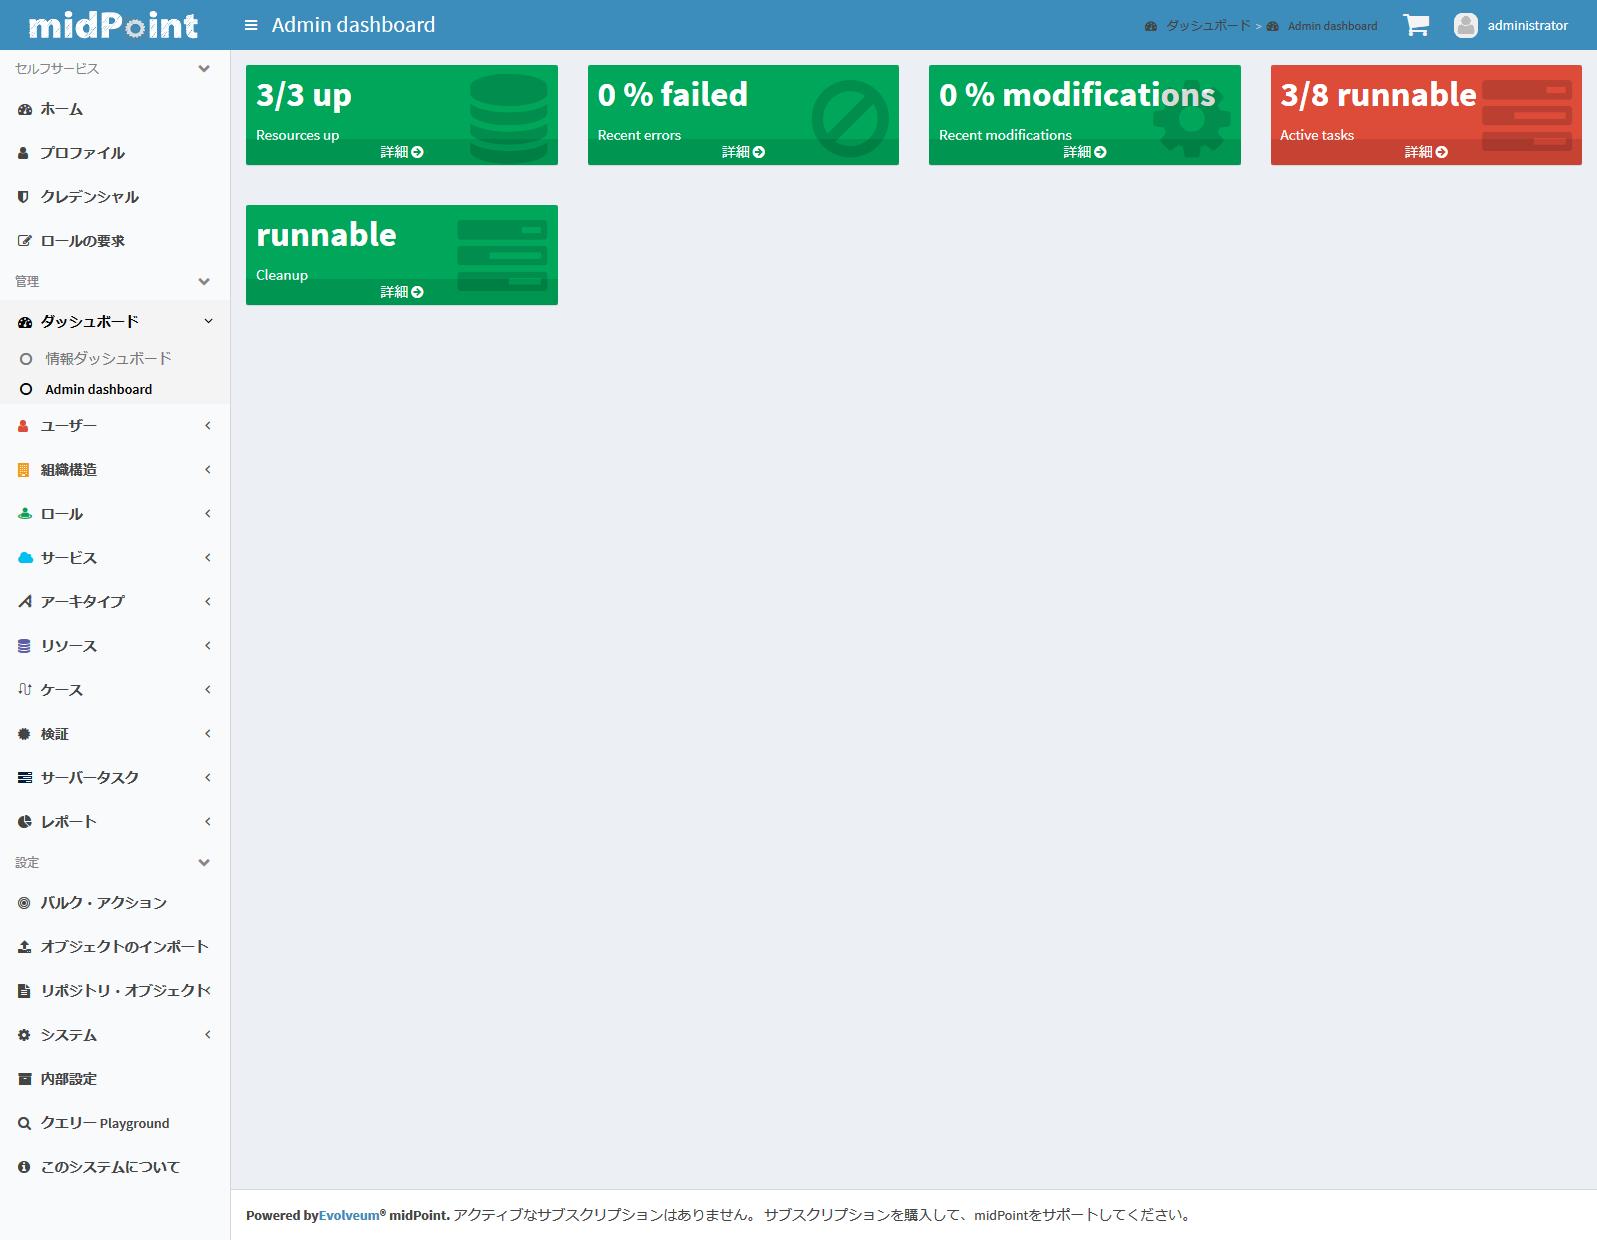 Screenshot_2019-12-12 Admin dashboard_2.png